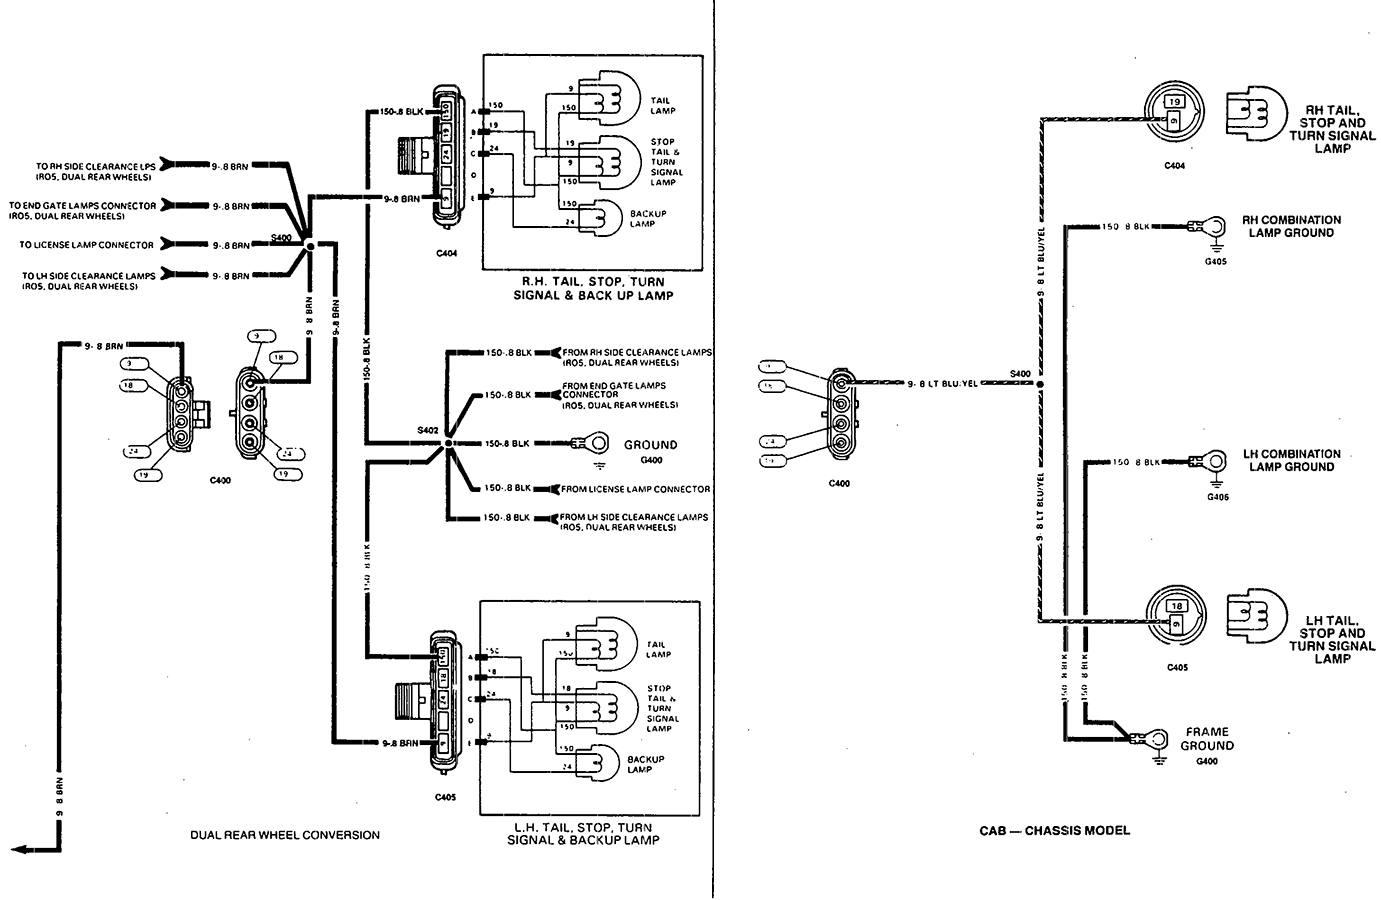 2004 Chevy Silverado Trailer Wiring Diagram